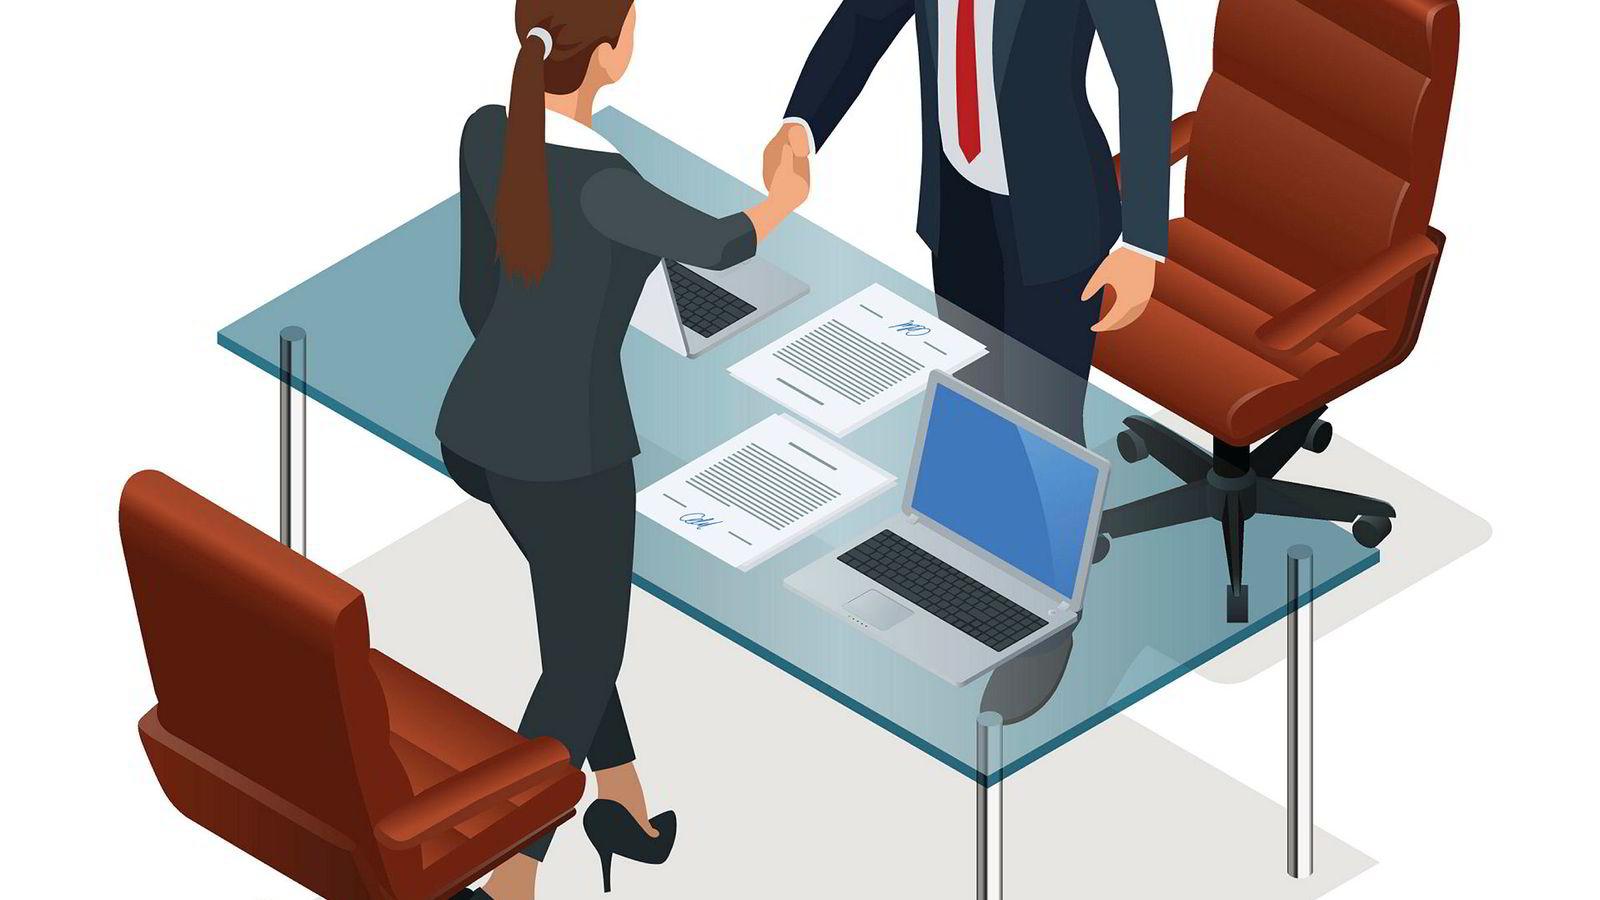 Mange gruer seg til å gå i et jobbintervju. Ekspertene gir deg sine beste råd.